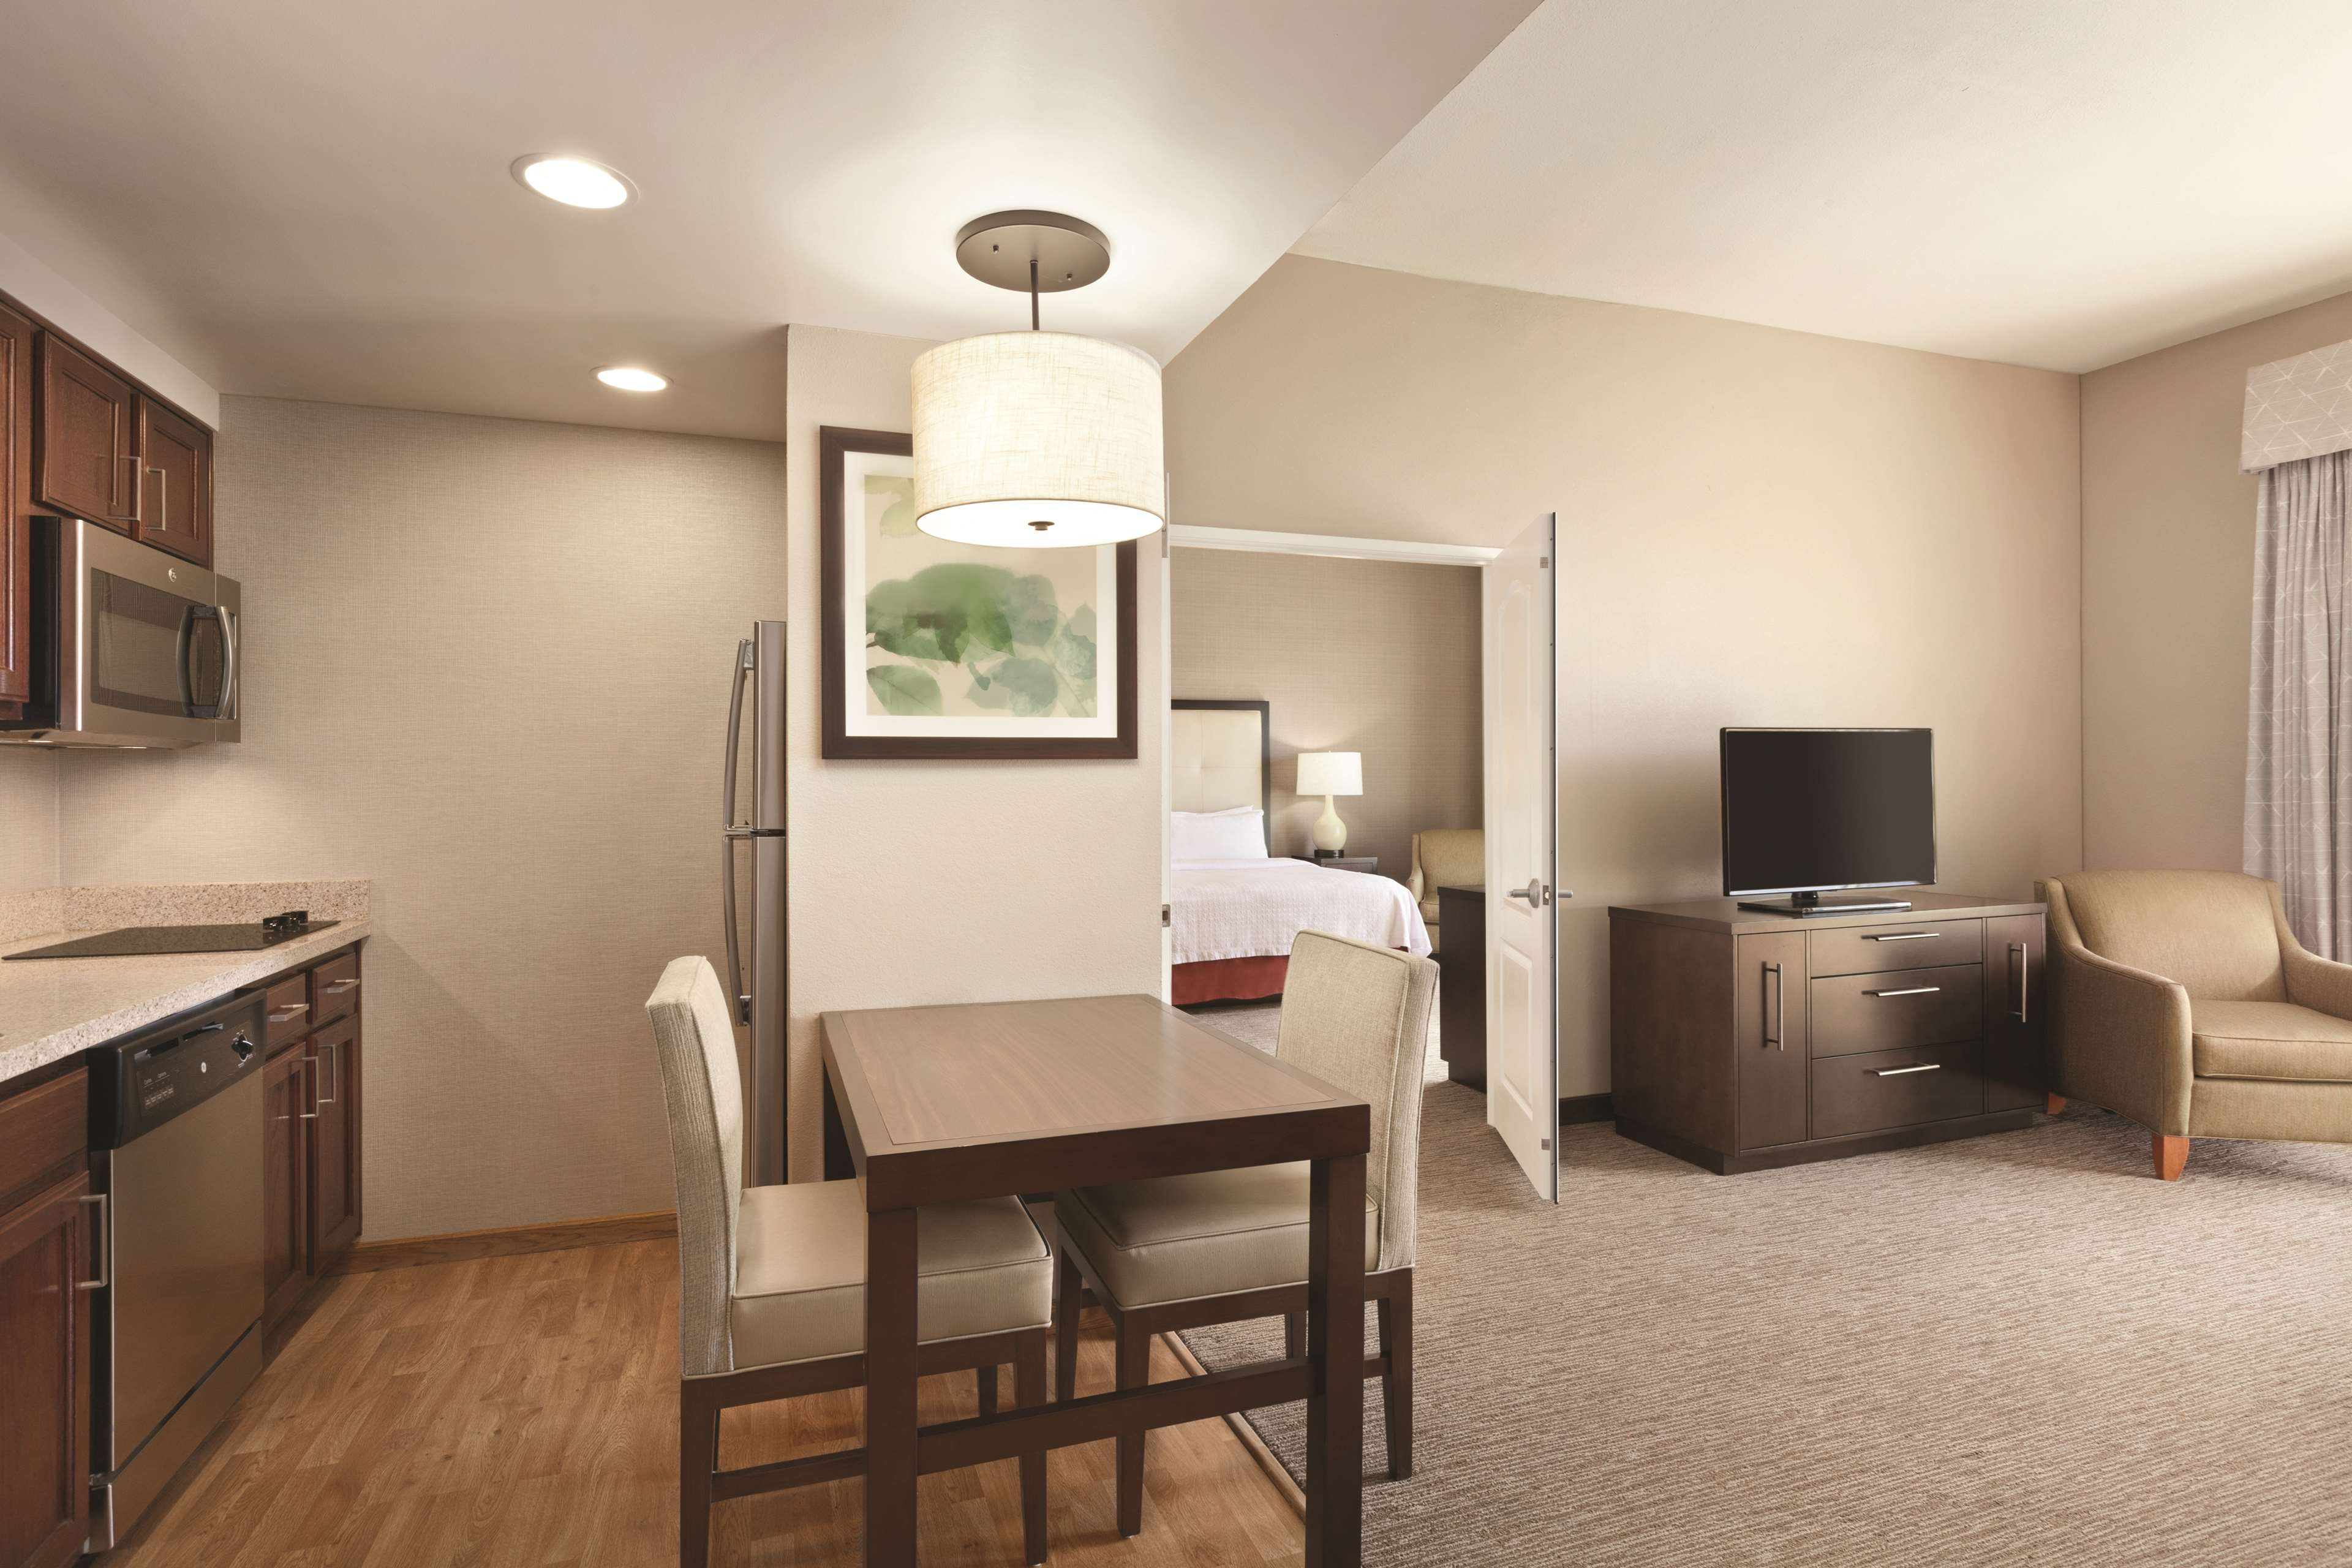 Homewood Suites by Hilton La Quinta image 25